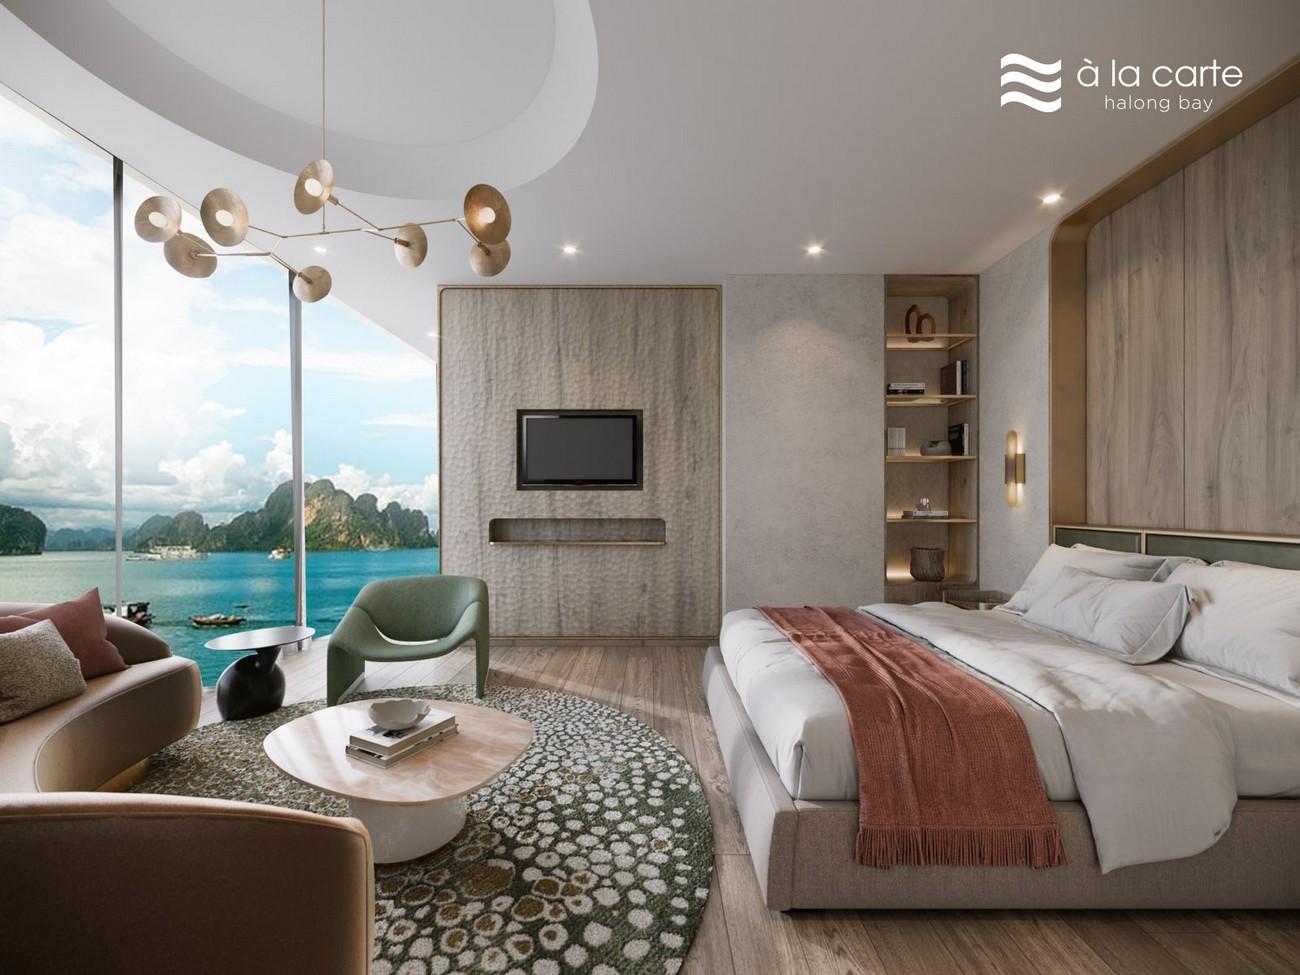 Nhà mẫu Penthousel À La Carte Halong Bay Hạ Long Đường Mặt Vịnh Hạ Long chủ đầu tư TASECO Land